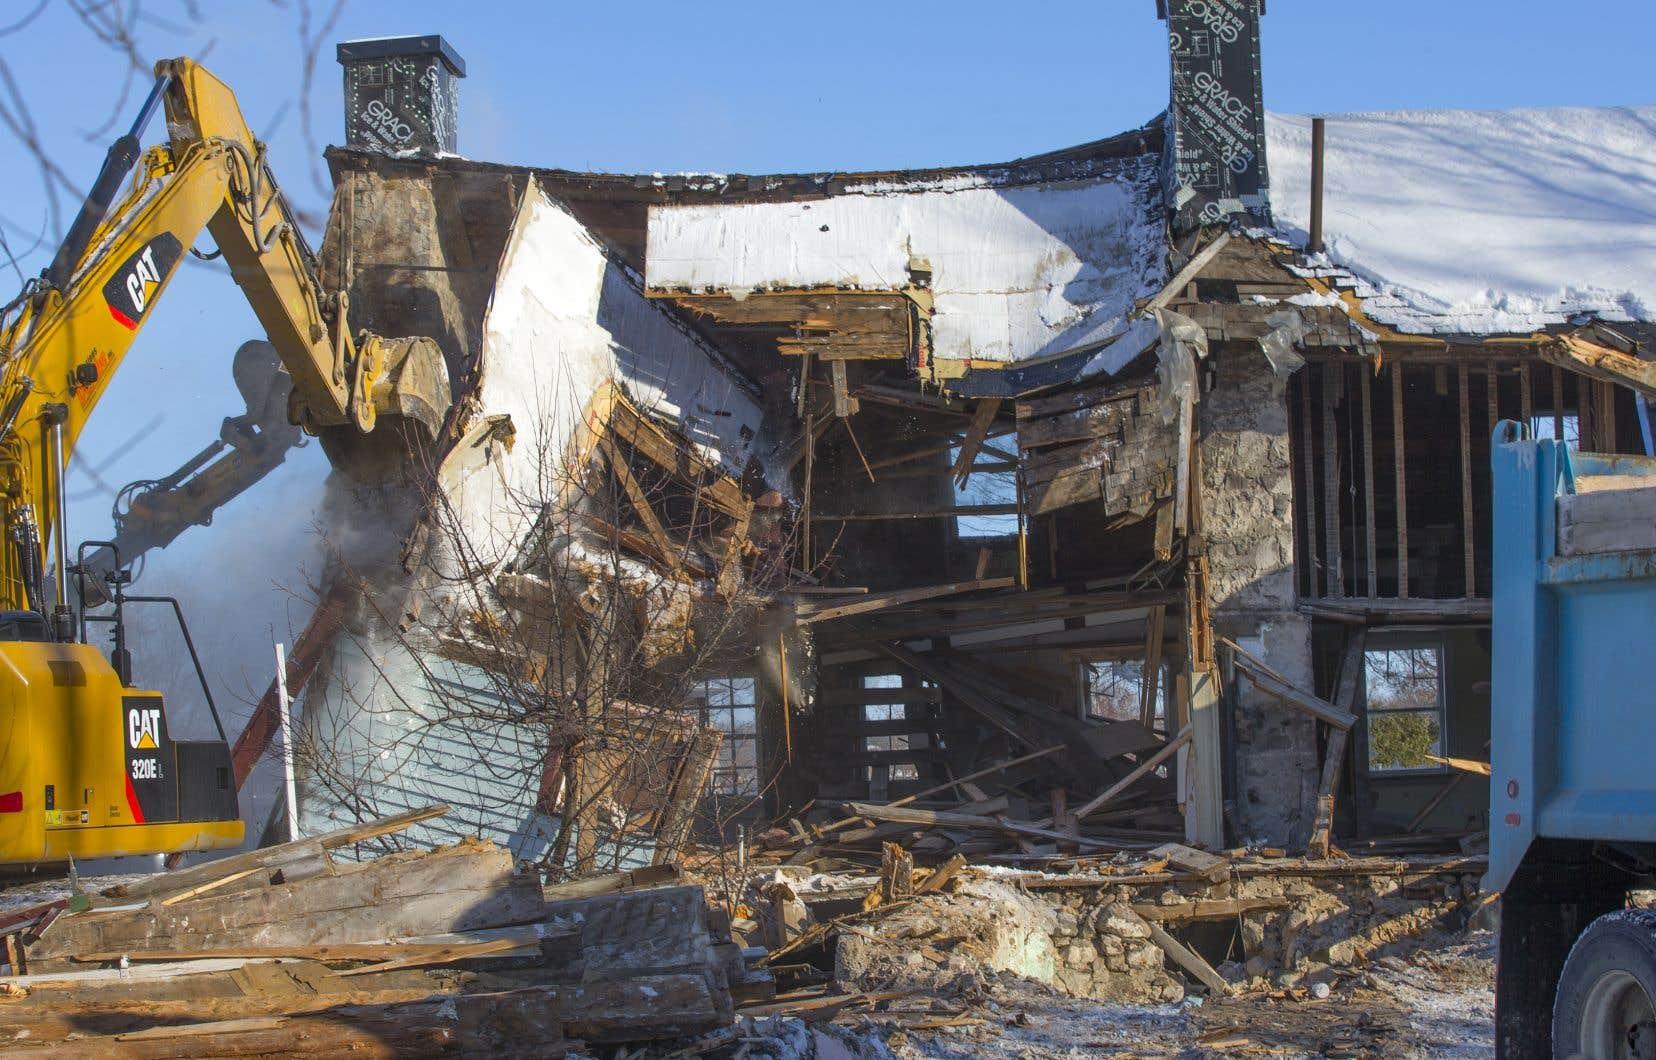 À Chambly, la Ville était propriétaire de ce bâtiment historique qu'elle a laissé se dégrader, alors qu'elle aurait dû le considérer comme un de ses actifs les plus précieux.